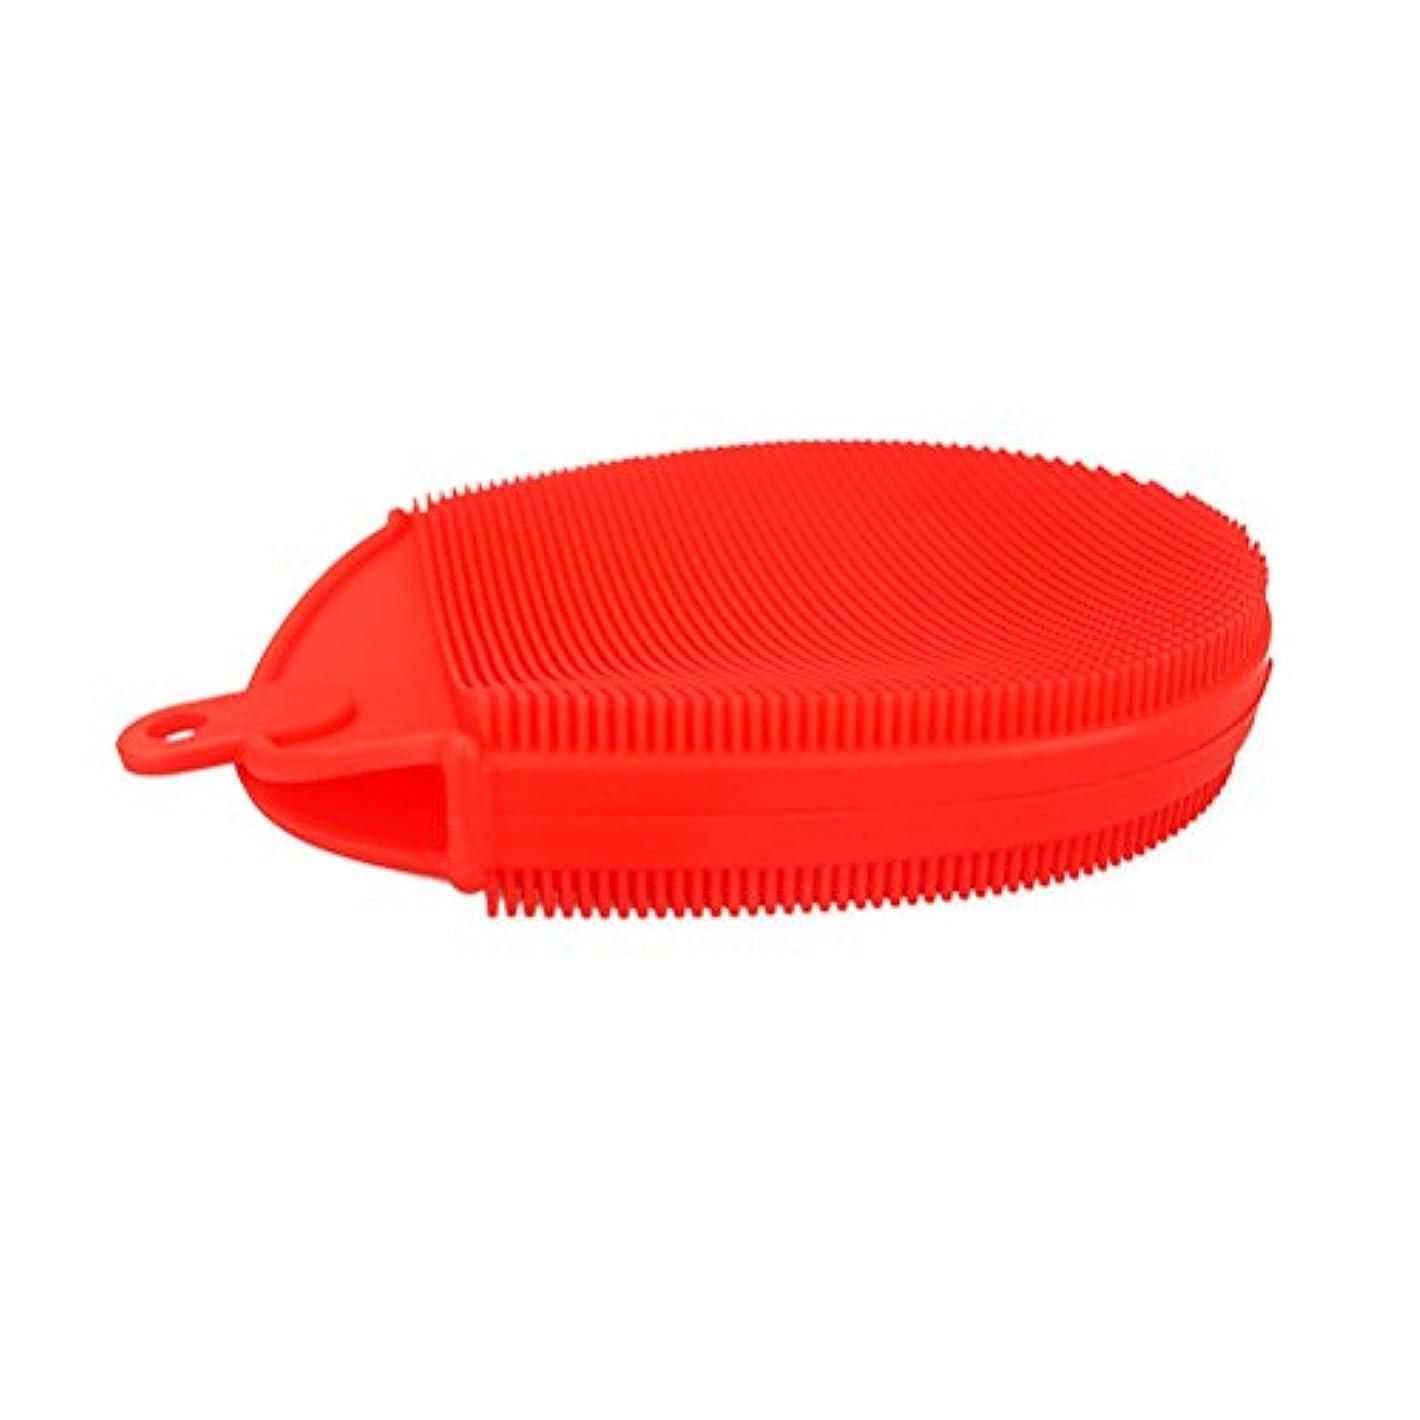 有用宇宙飛行士支給OUNONA ボディブラシ シリコン製 角質除去 体マッサージ お風呂体ブラシ(赤)